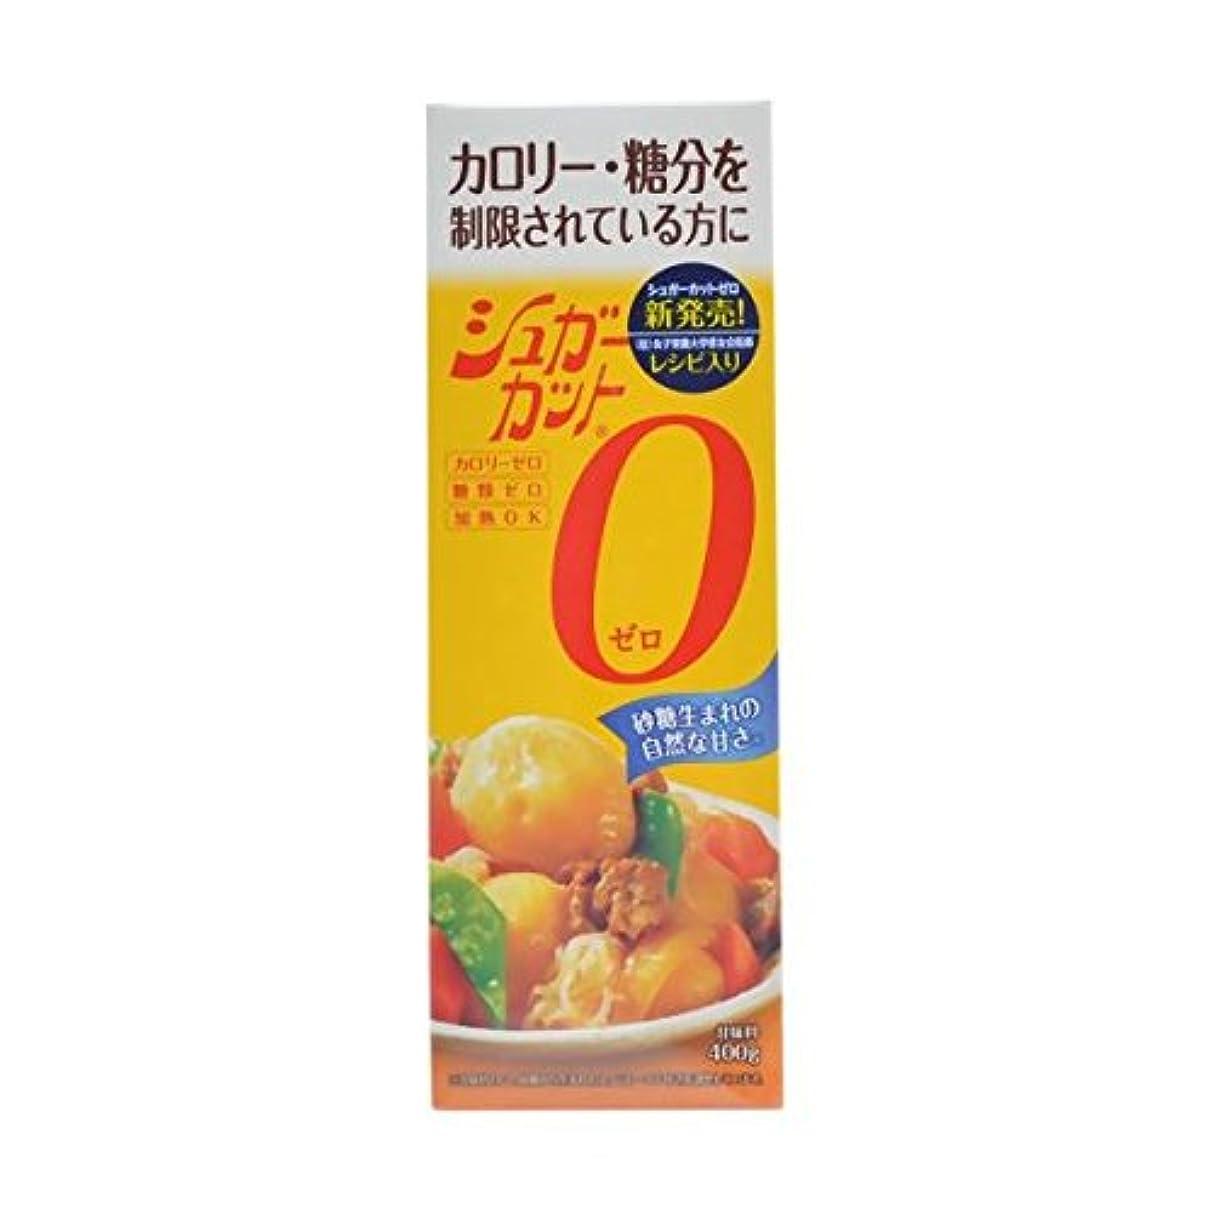 陰気一貫性のないメディカル浅田飴 シュガーカットゼロ 400g【2個セット】